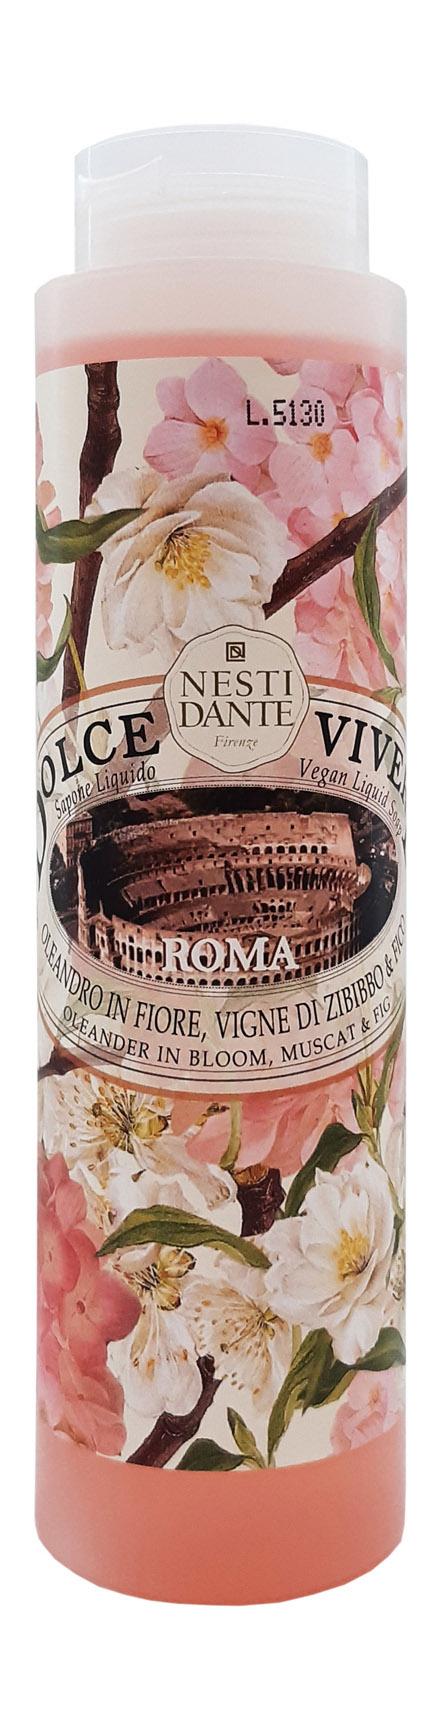 Купить Nesti Dante Dolce Vivere Roma Shower Gel